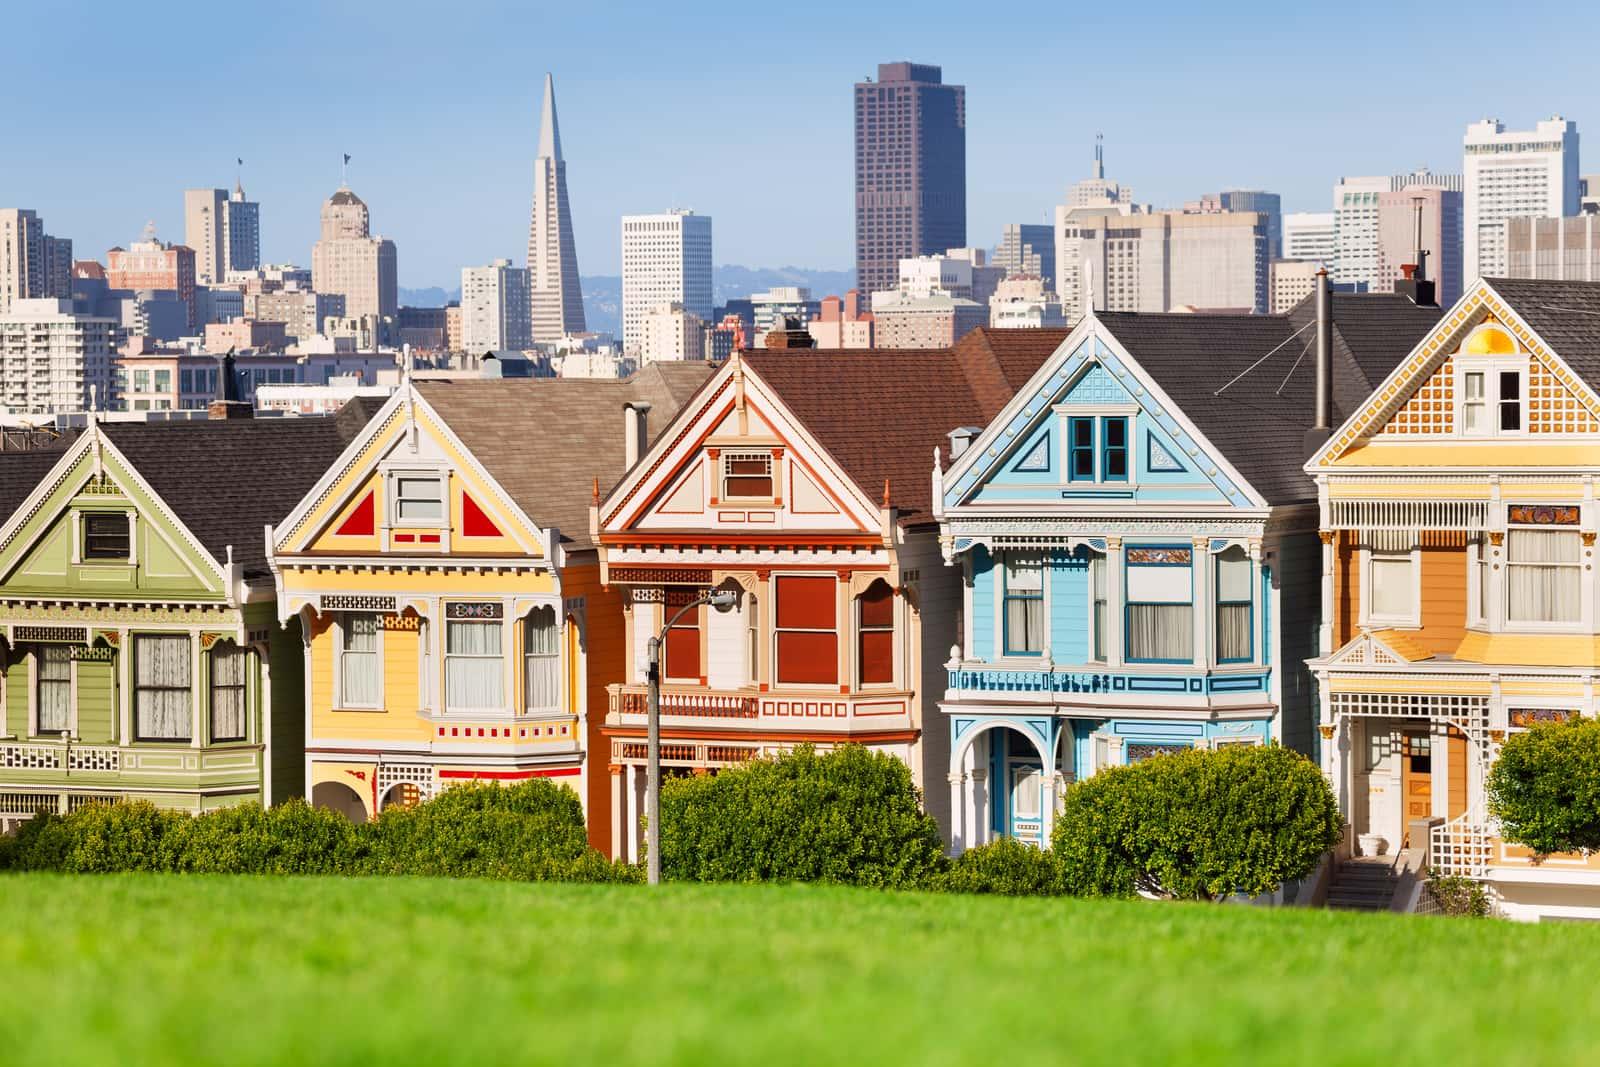 Les « Painted Ladies » de San Francisco